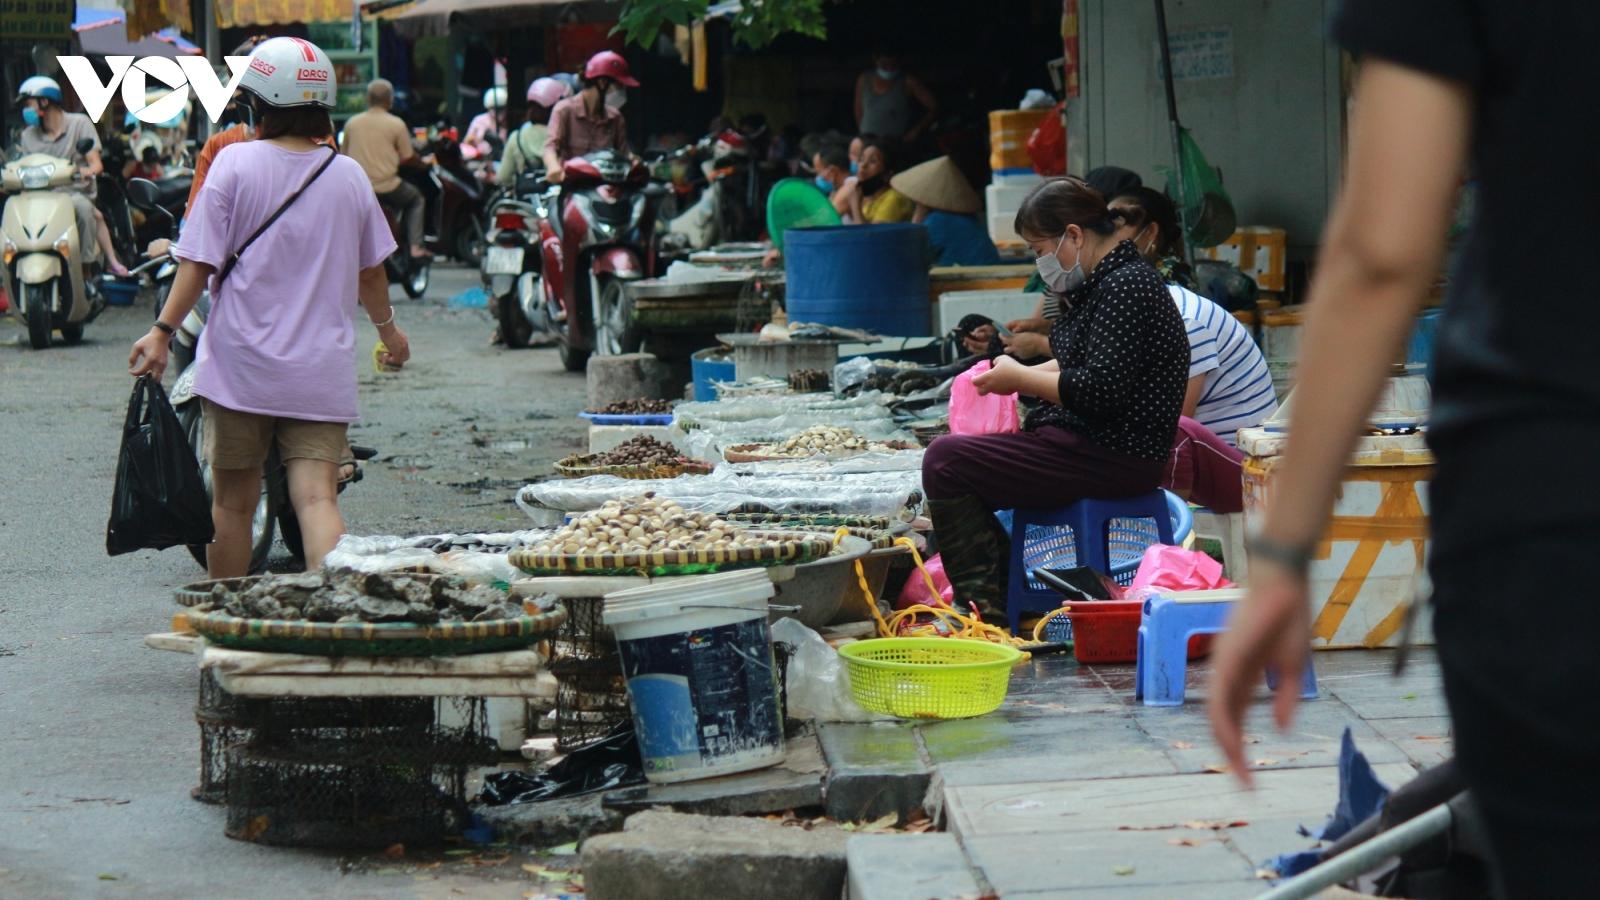 Mặc kệ lệnh cấm, chợ cóc, chợ tạm vẫn hoạt động bình thường